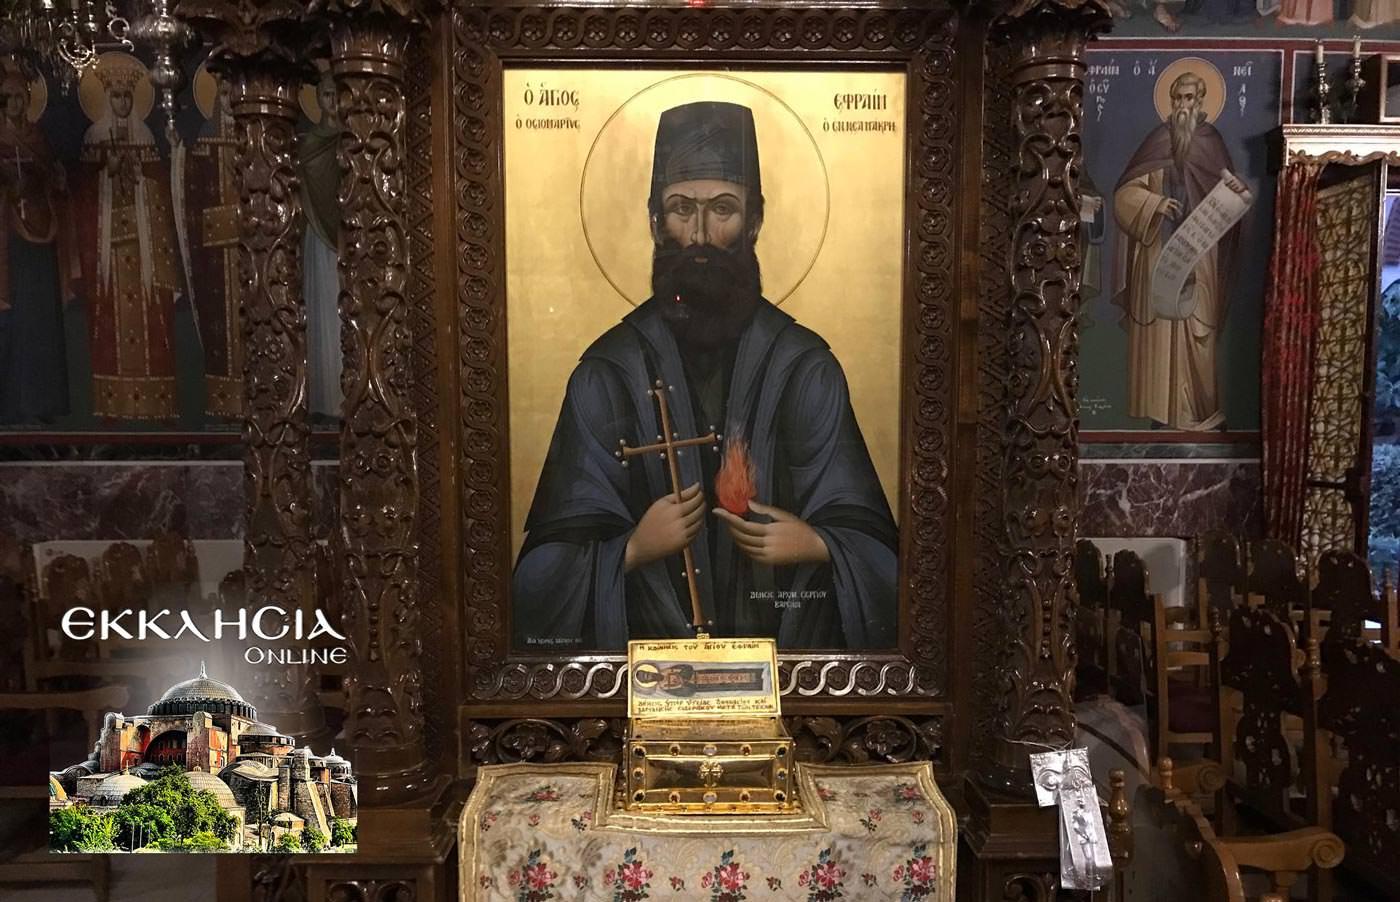 Ιερός Ναός Αγίας Τριάδας Κηφισιά